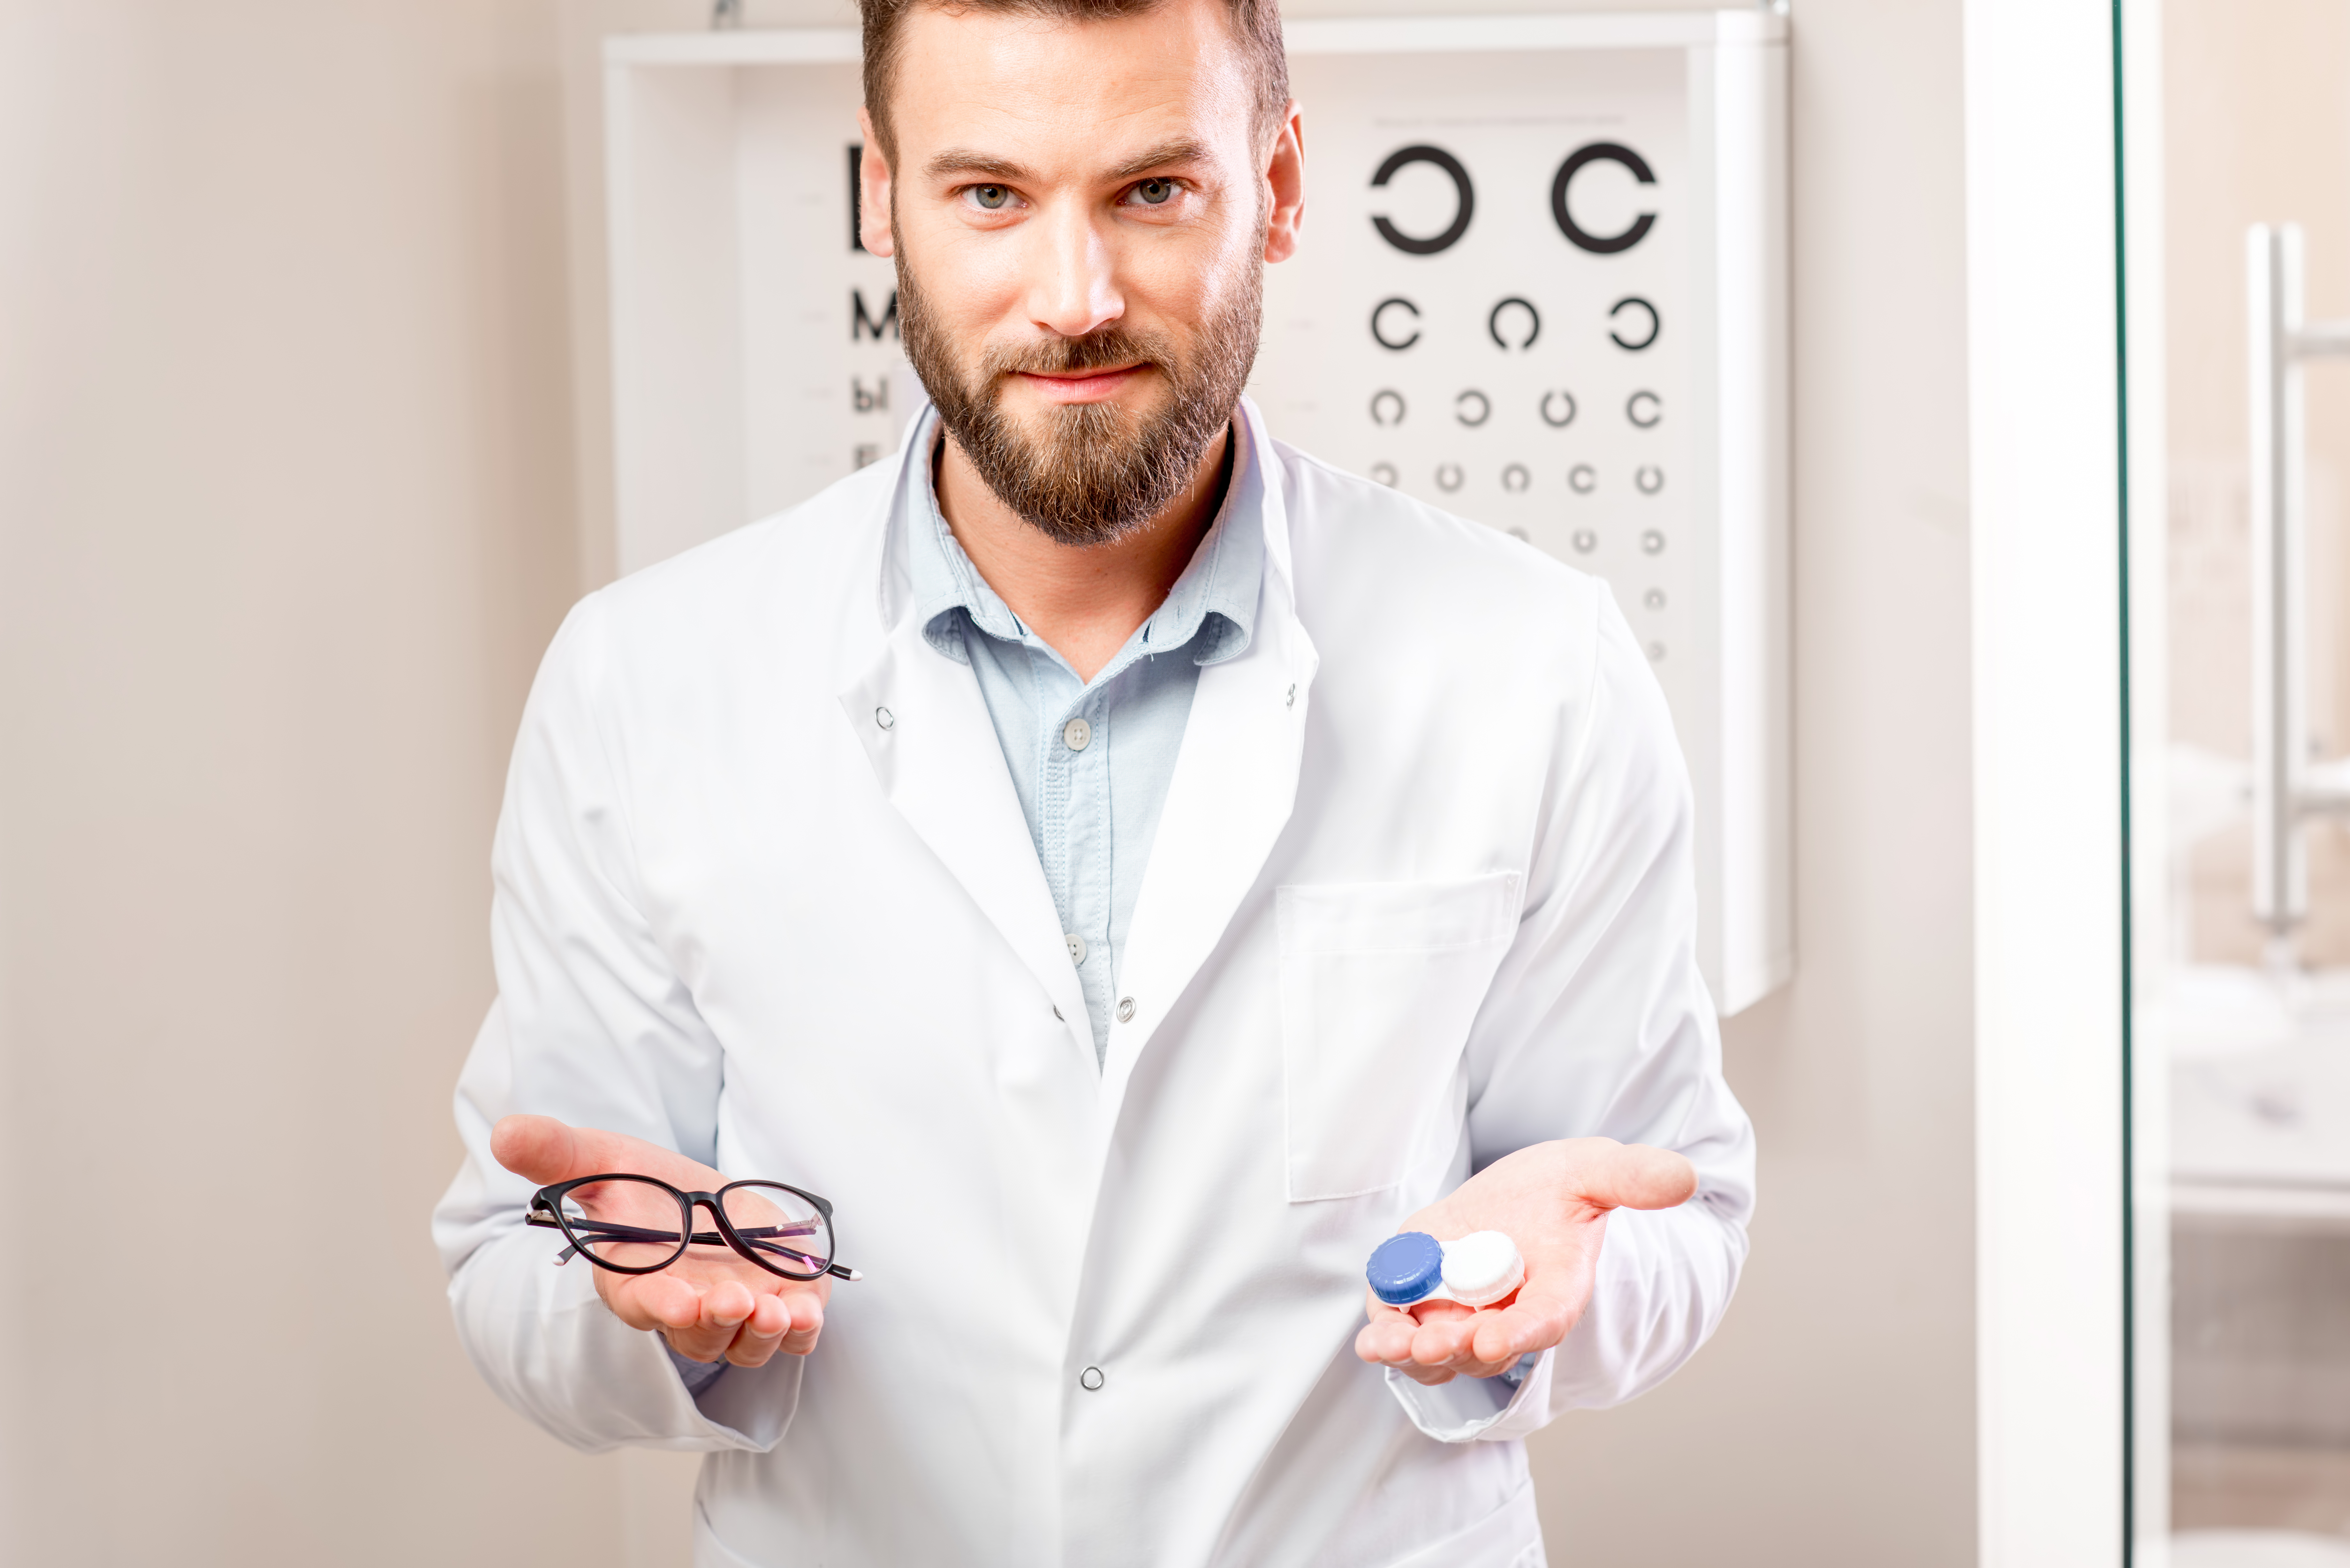 98e59034c8 Óculos ou lentes de contacto: Qual a melhor opção?